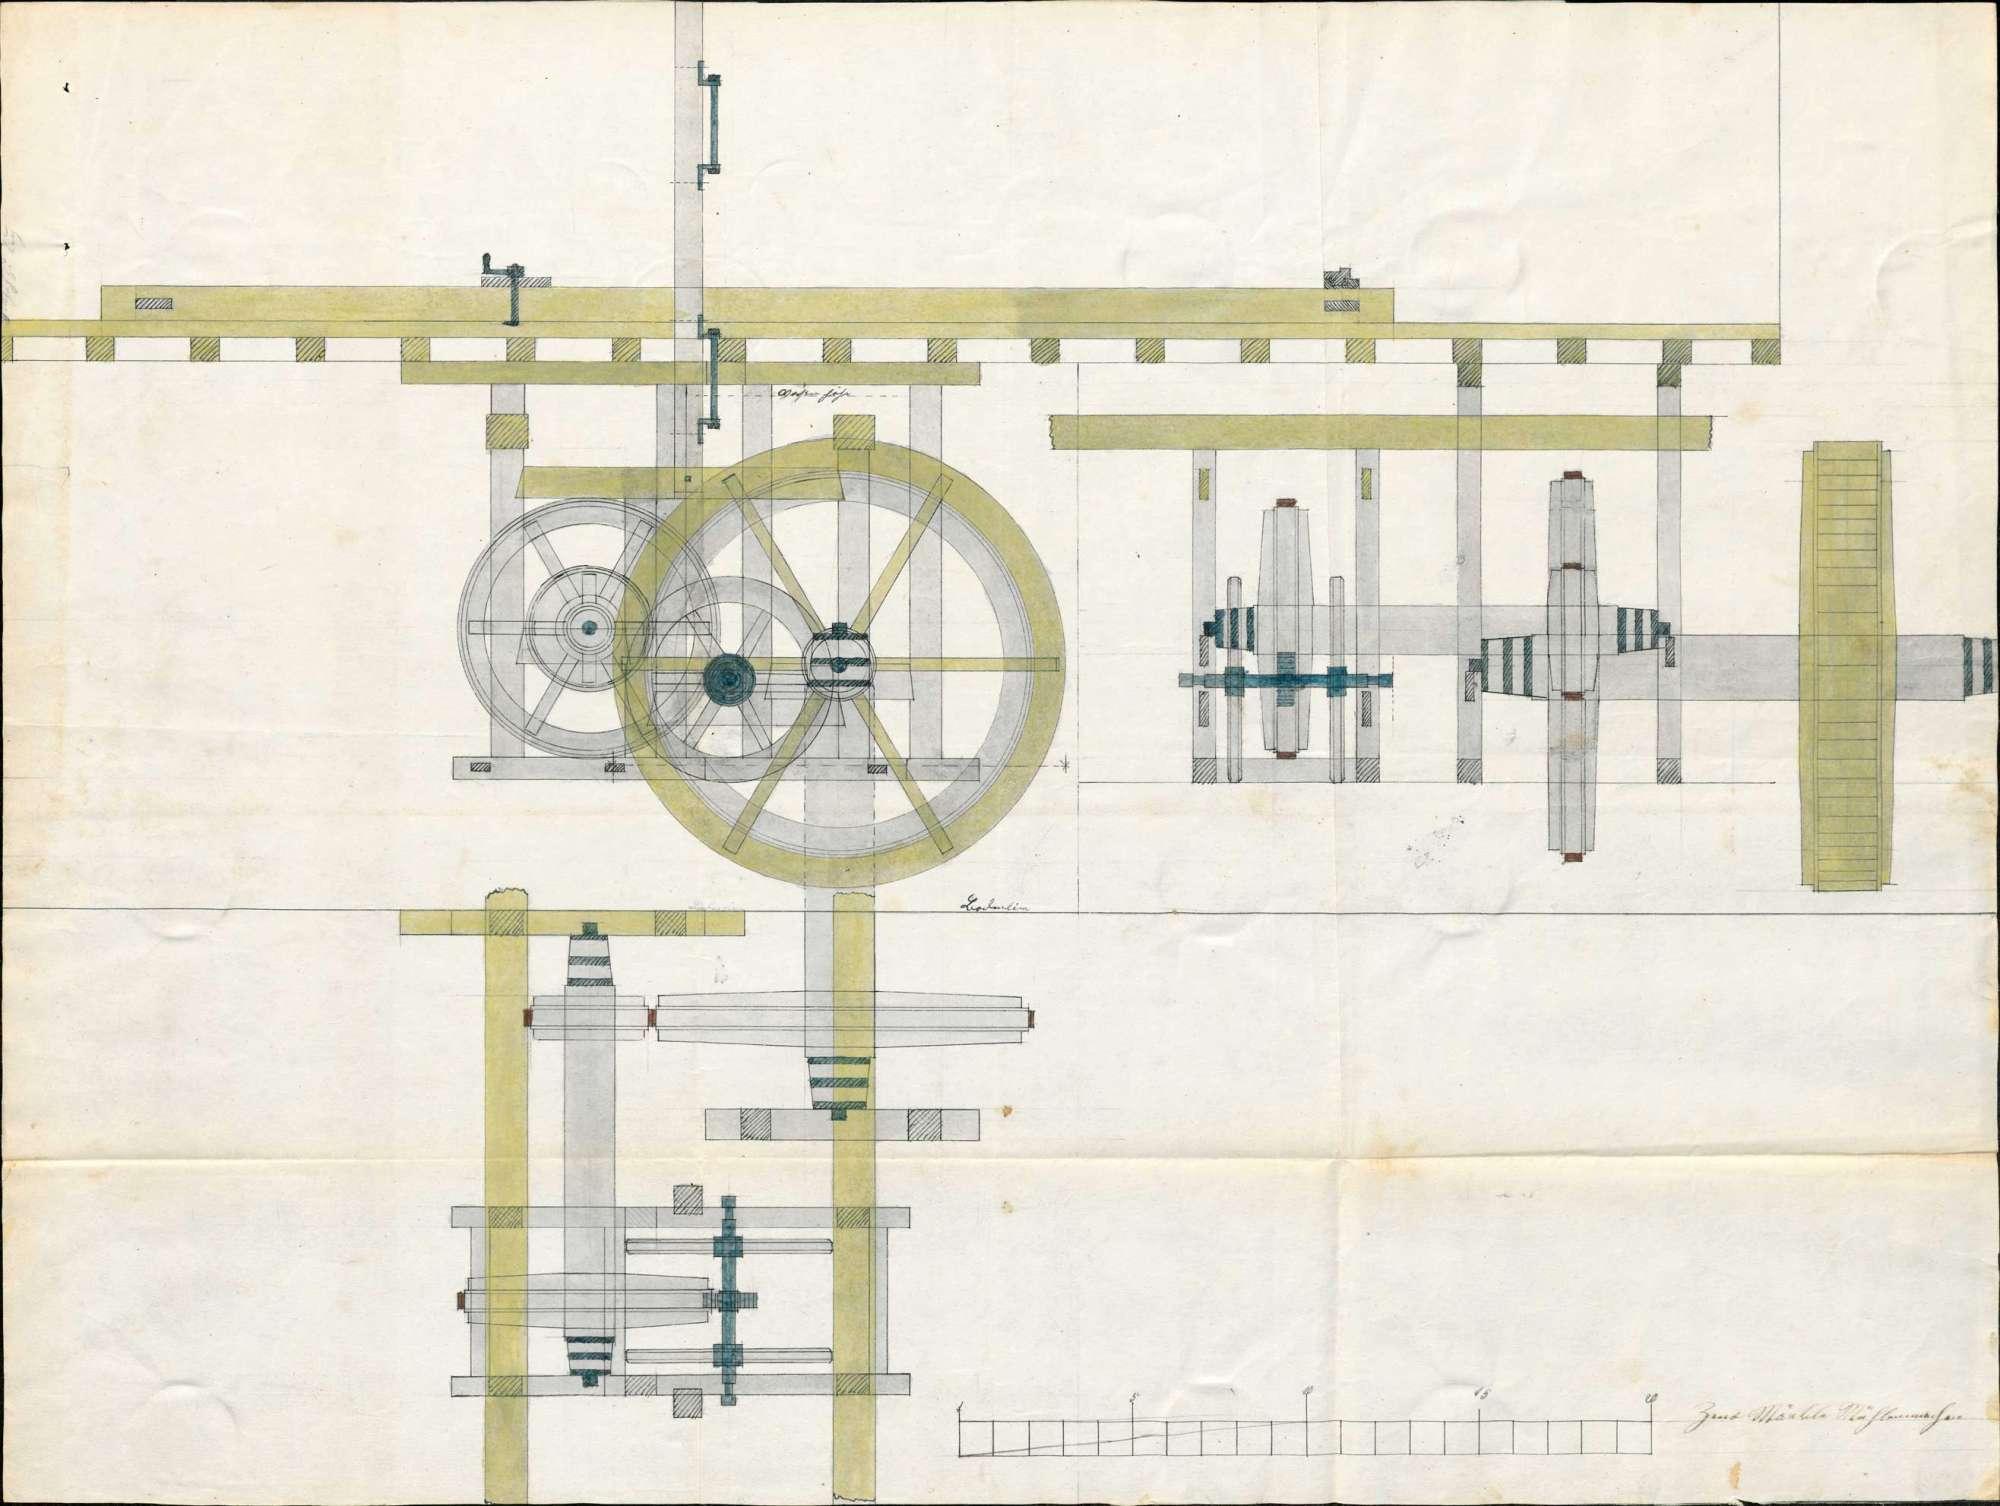 Baugesuch des Franz Joseph Haas von Kleinlaufenburg für eine Sägemühle am Andelsbach, Bild 1